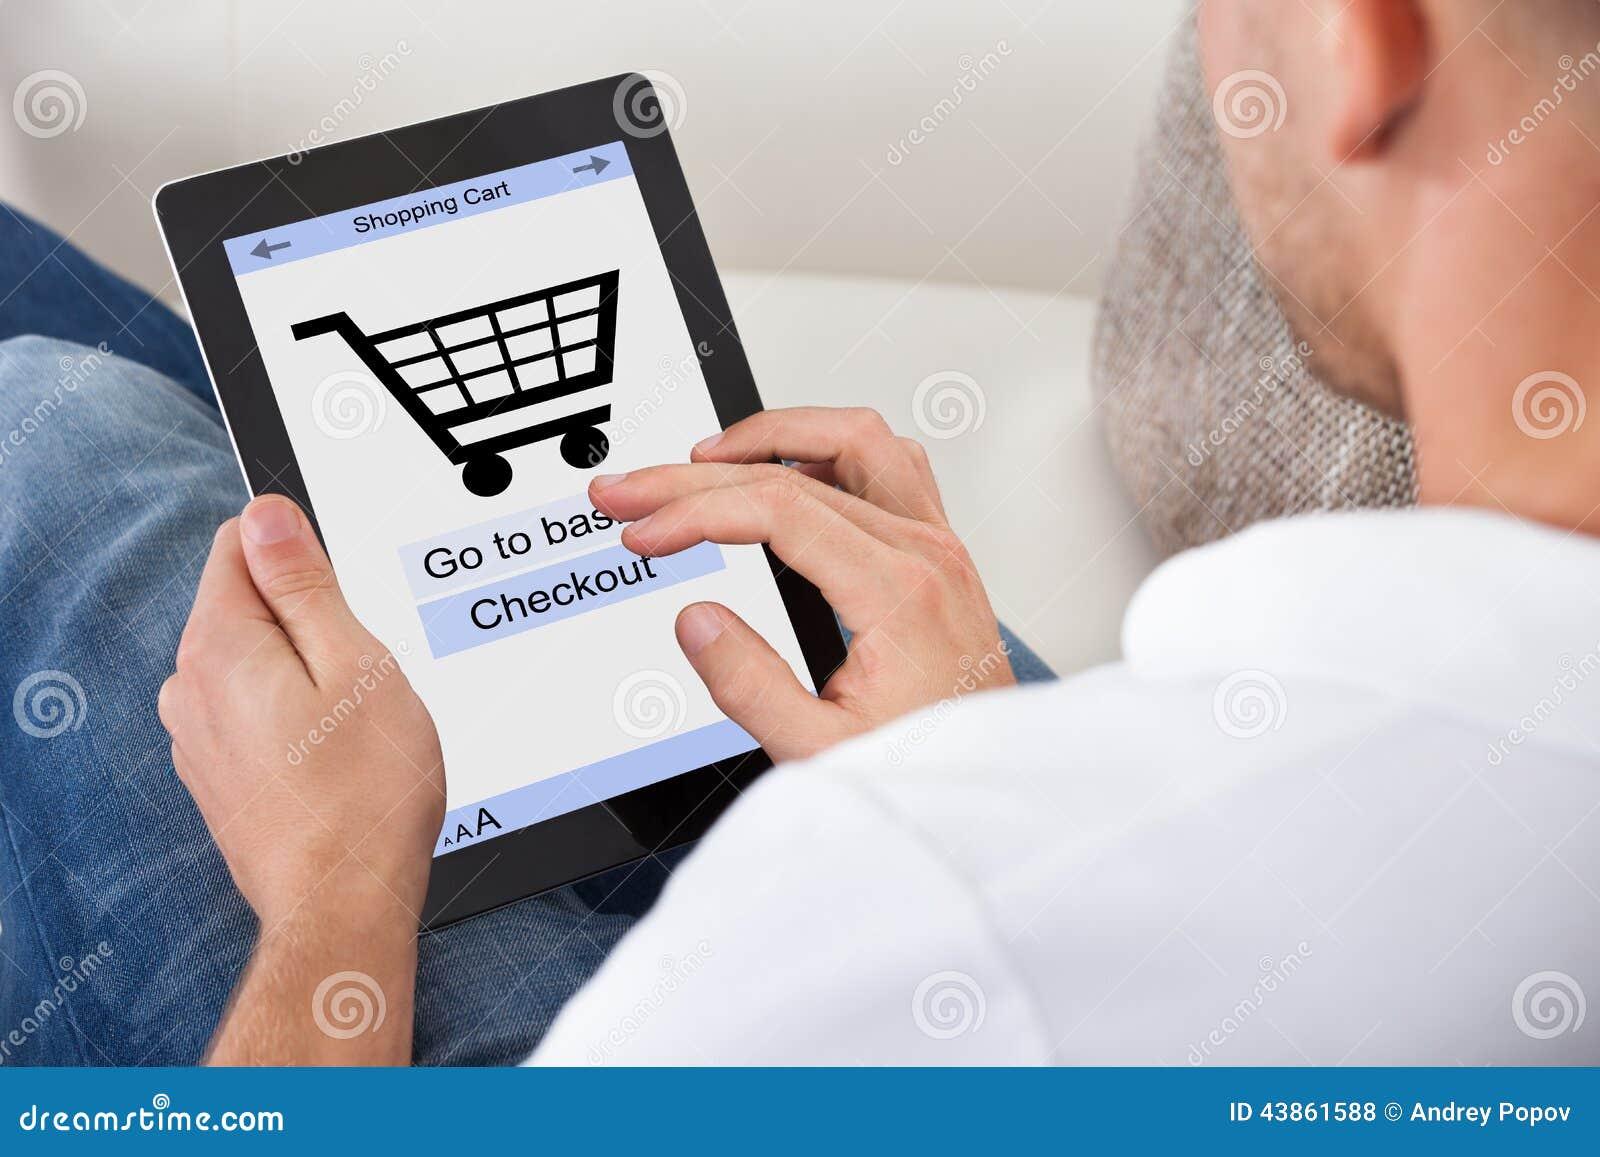 Conceptueel beeld van een mens die een online aankoop maakt